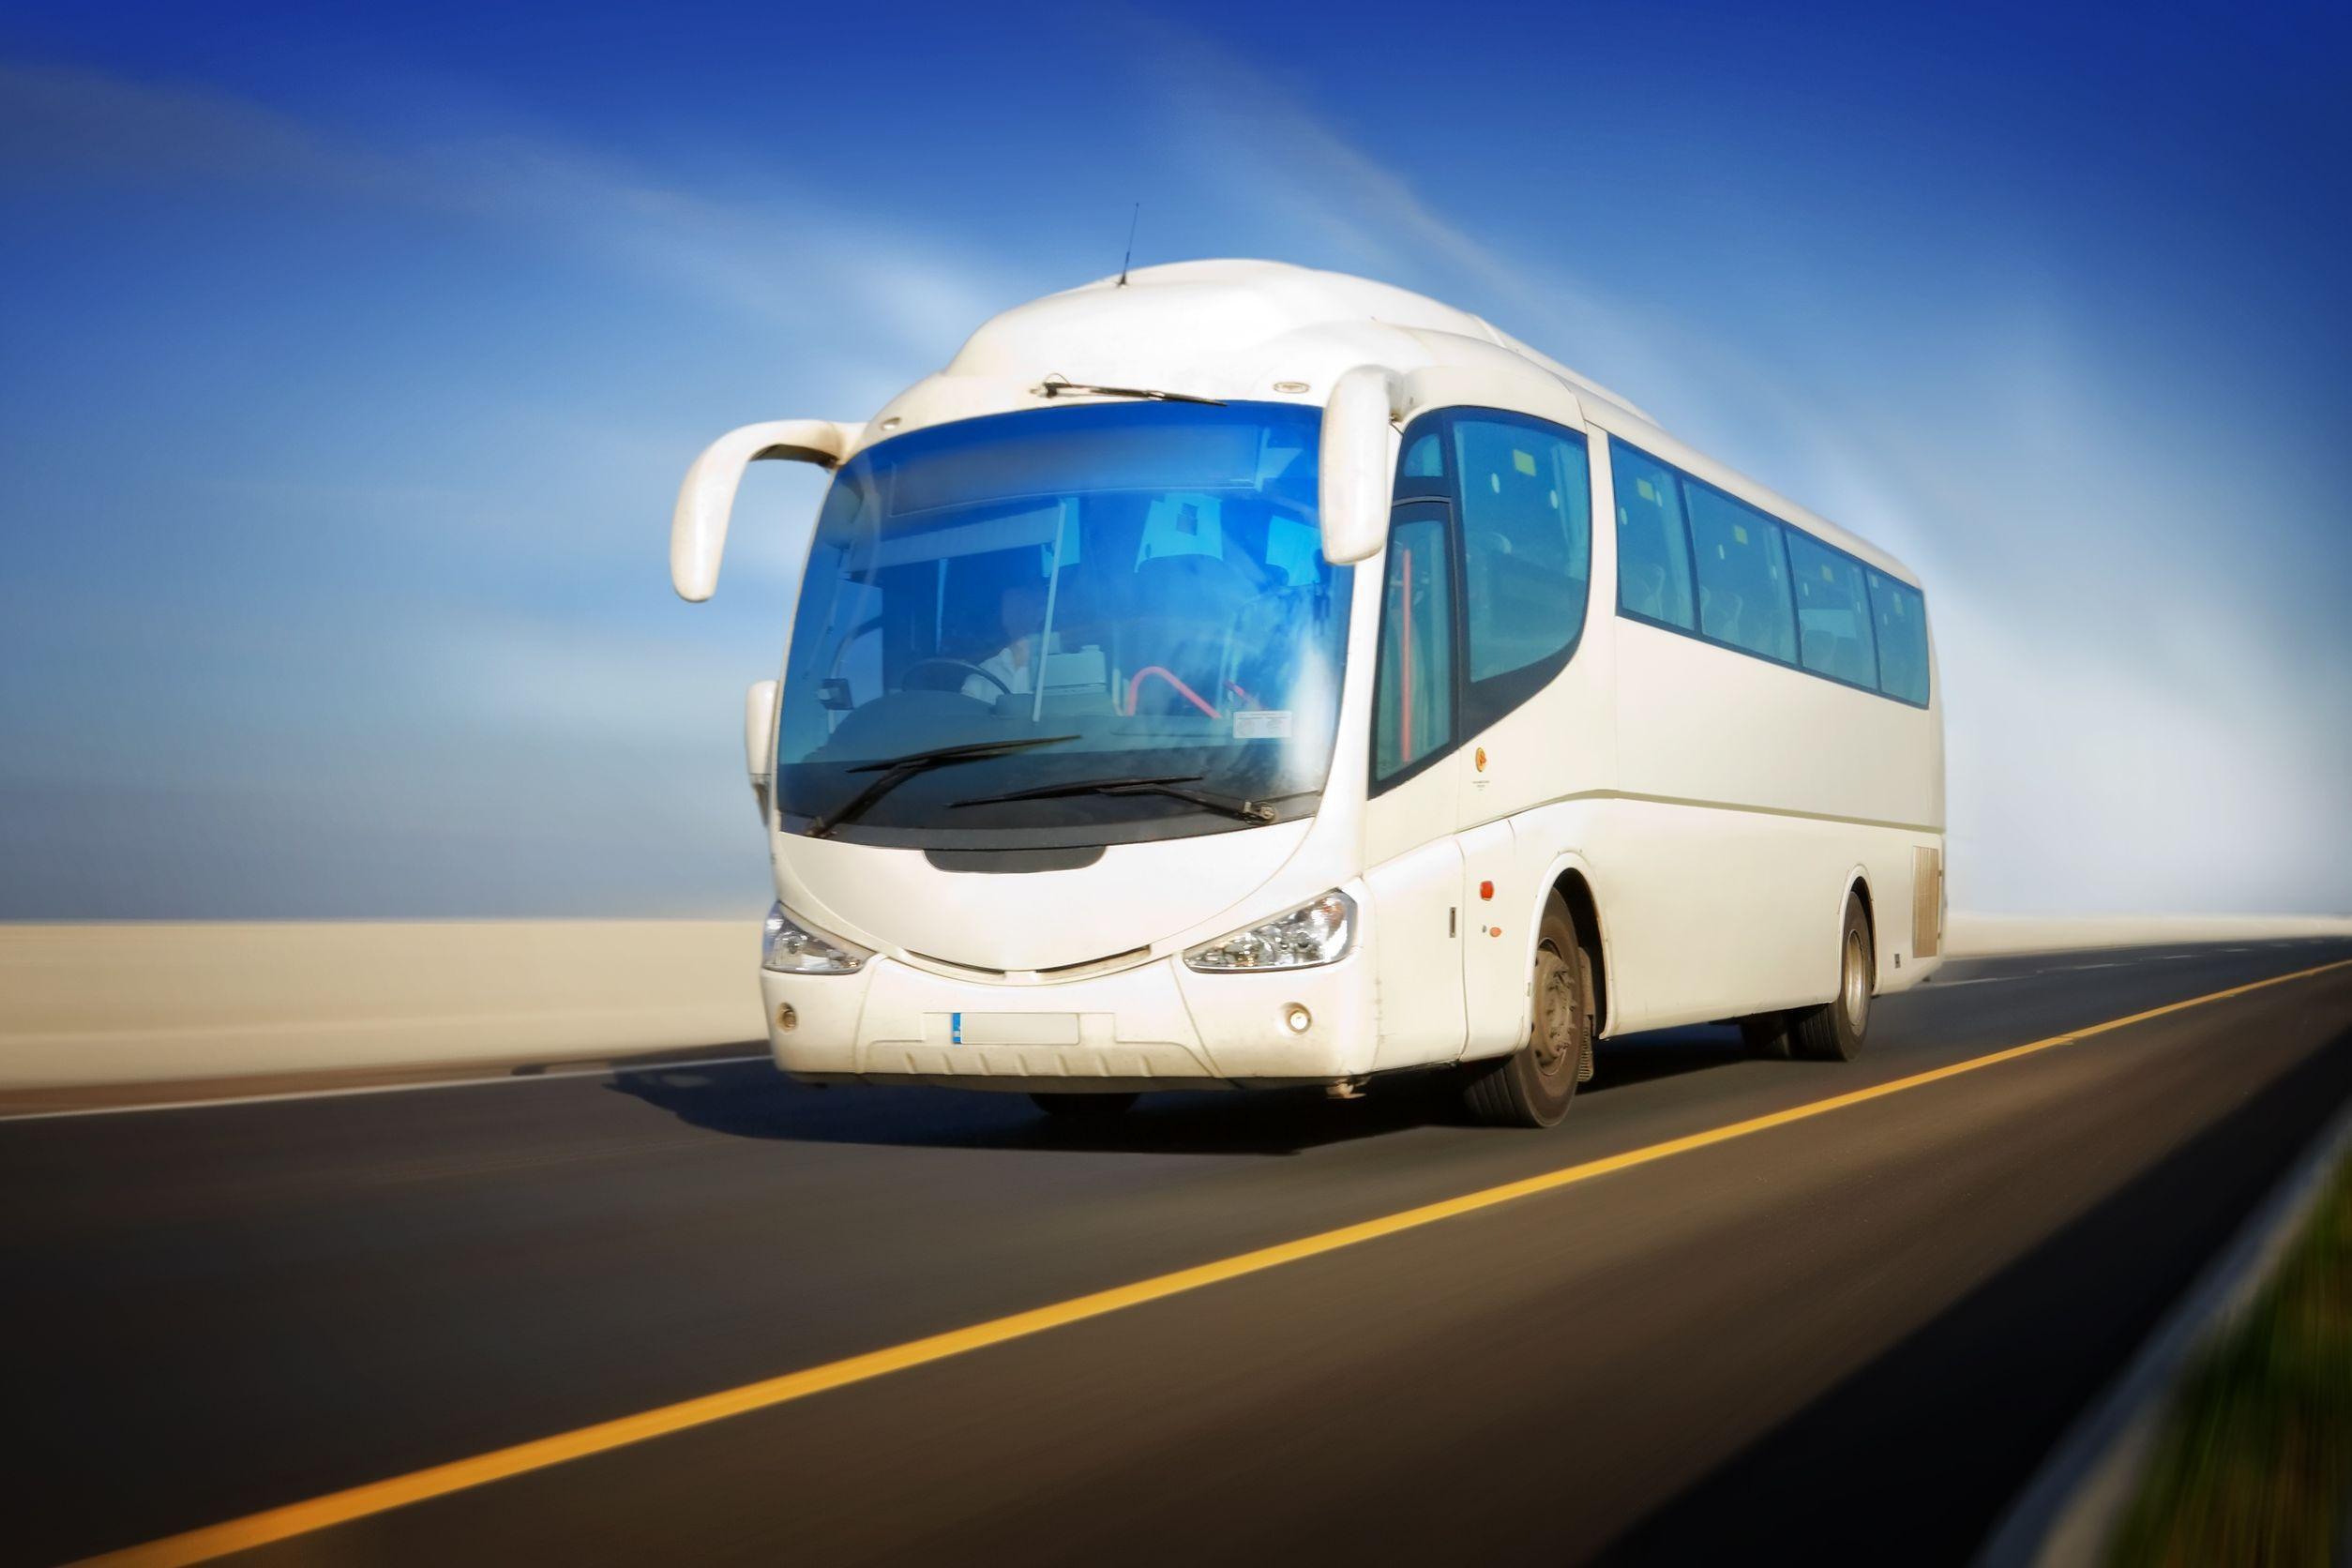 kallada bus images